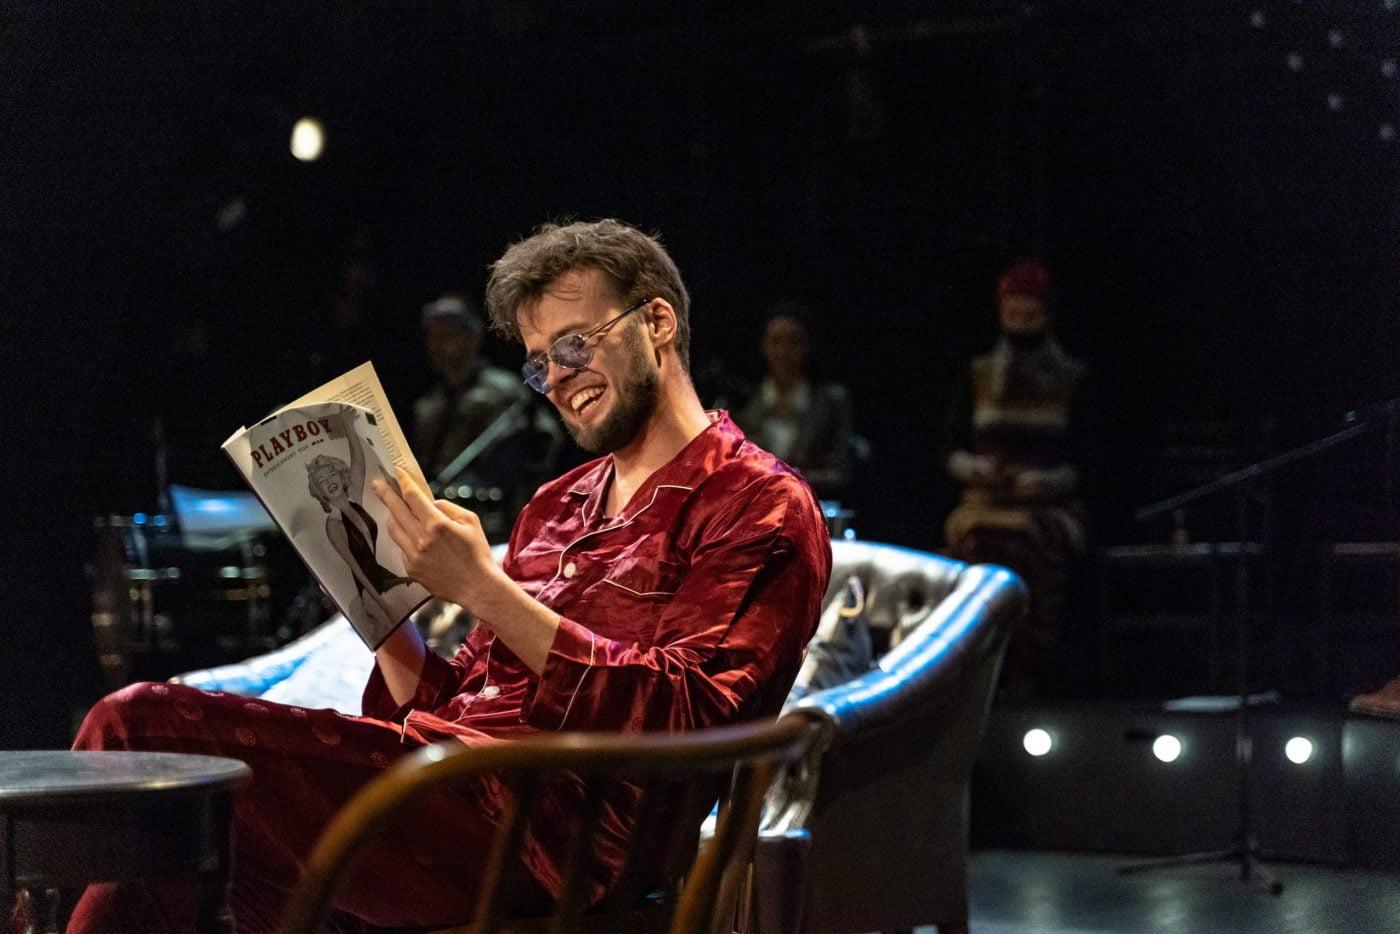 """Tarptautinę džiazo dieną Panevėžio teatre """"Menas"""" – spektaklio """"Oskaras"""" premjera"""